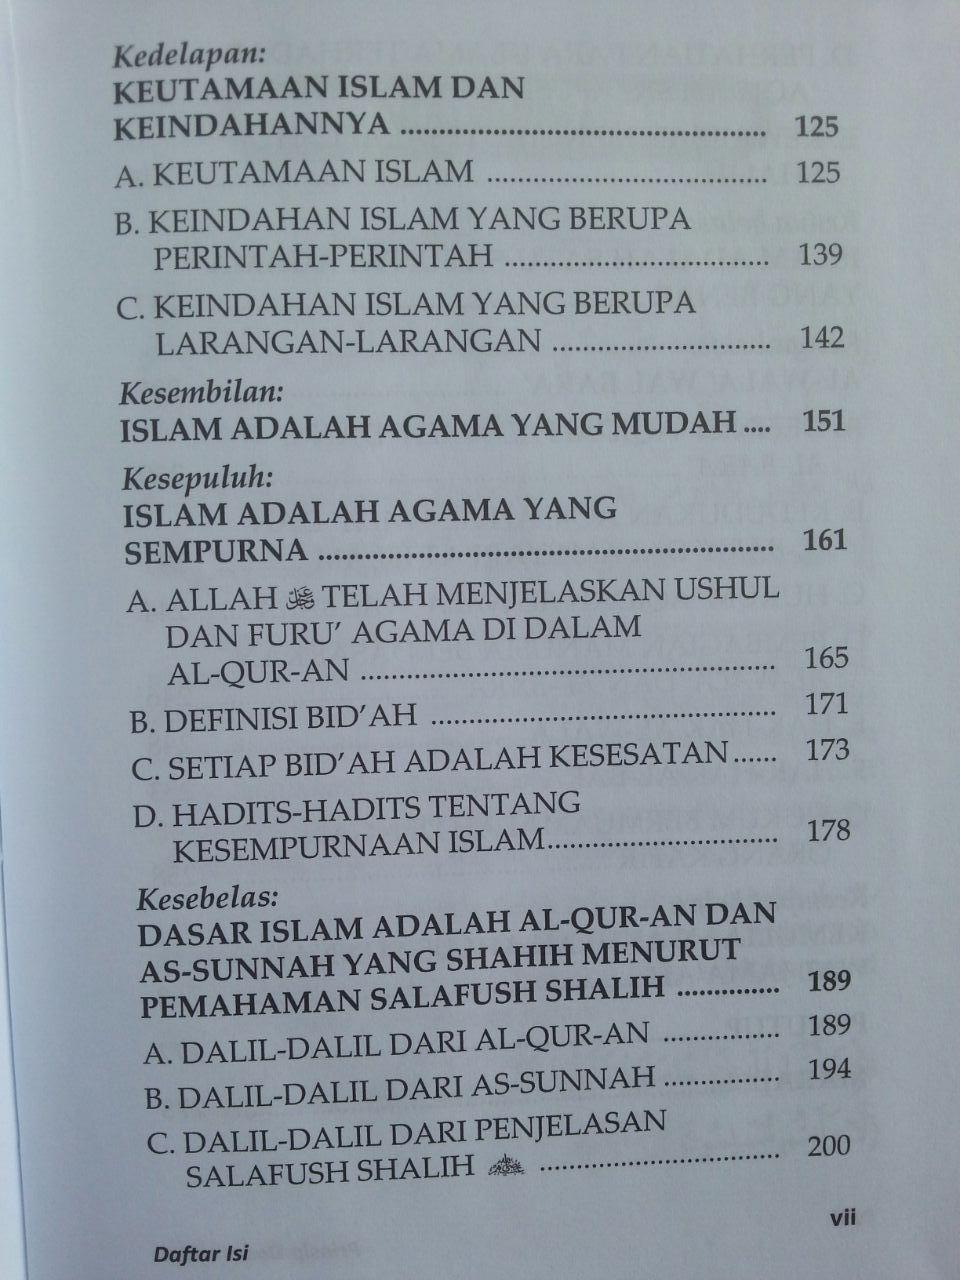 Buku Prinsip Dasar Islam Menurut Al-Qur'an Dan As-Sunnah isi